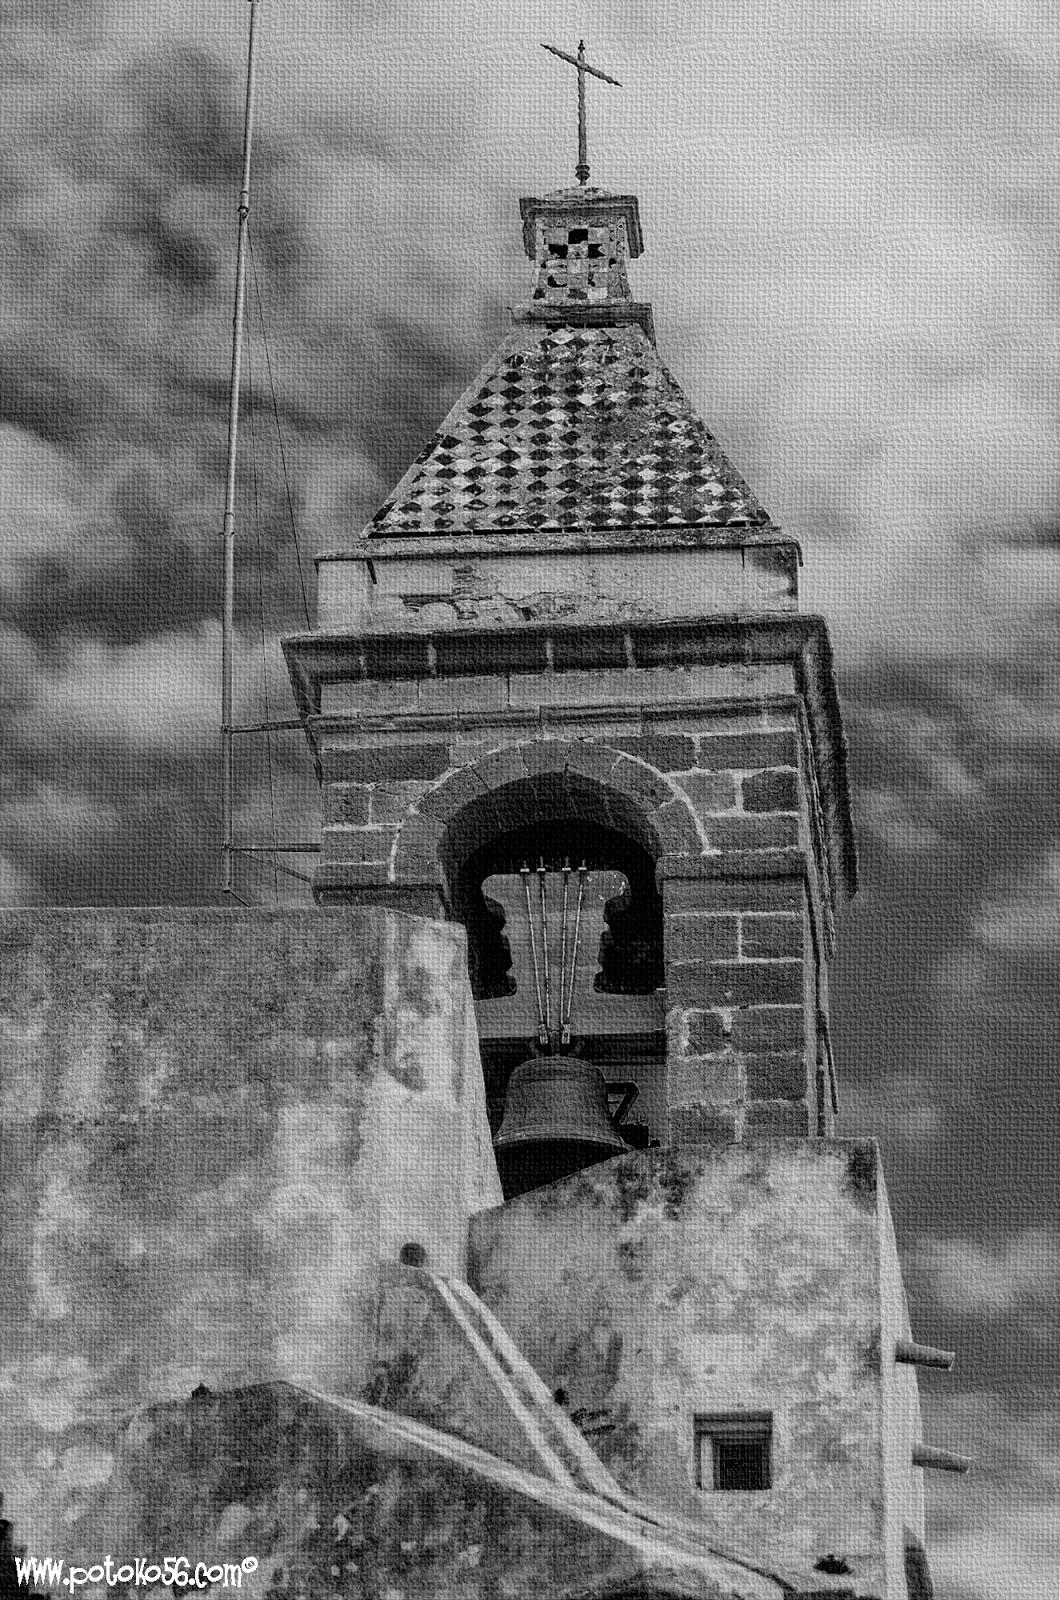 Vista del campanario de la Parroquia de La O Rota